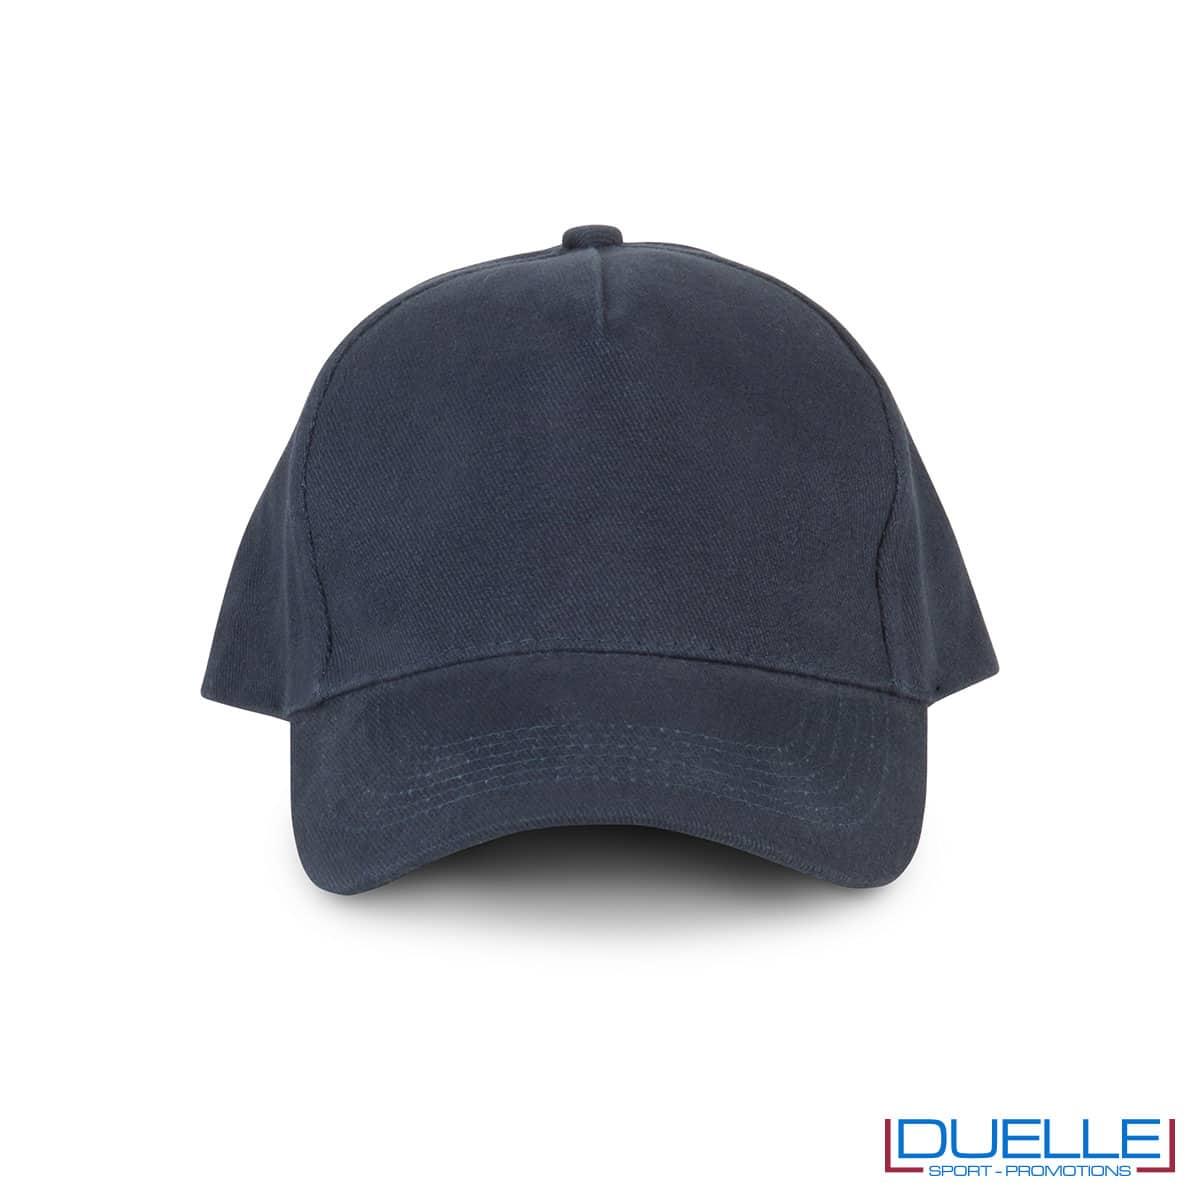 Cappellino 5 pannelli cotone bio 100% colore blu navy personalizzabile con stampa